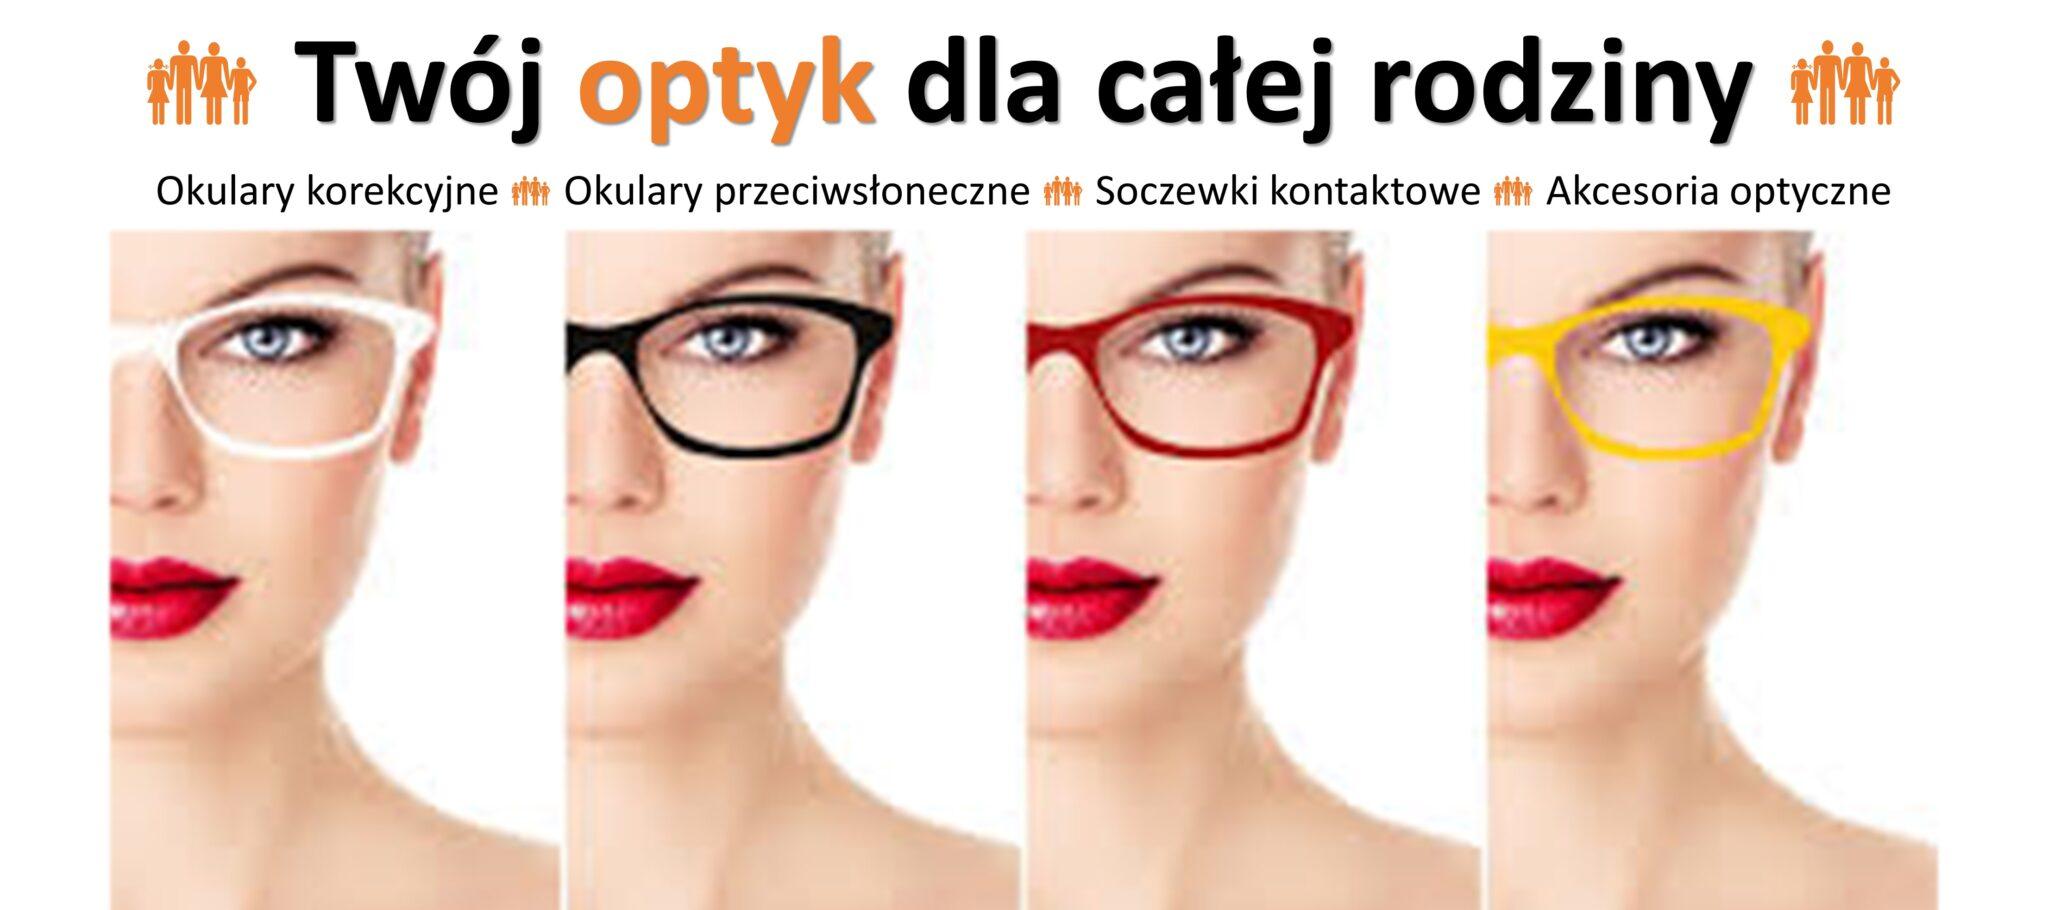 Okulary korekcyjne i przeciwsłoneczne